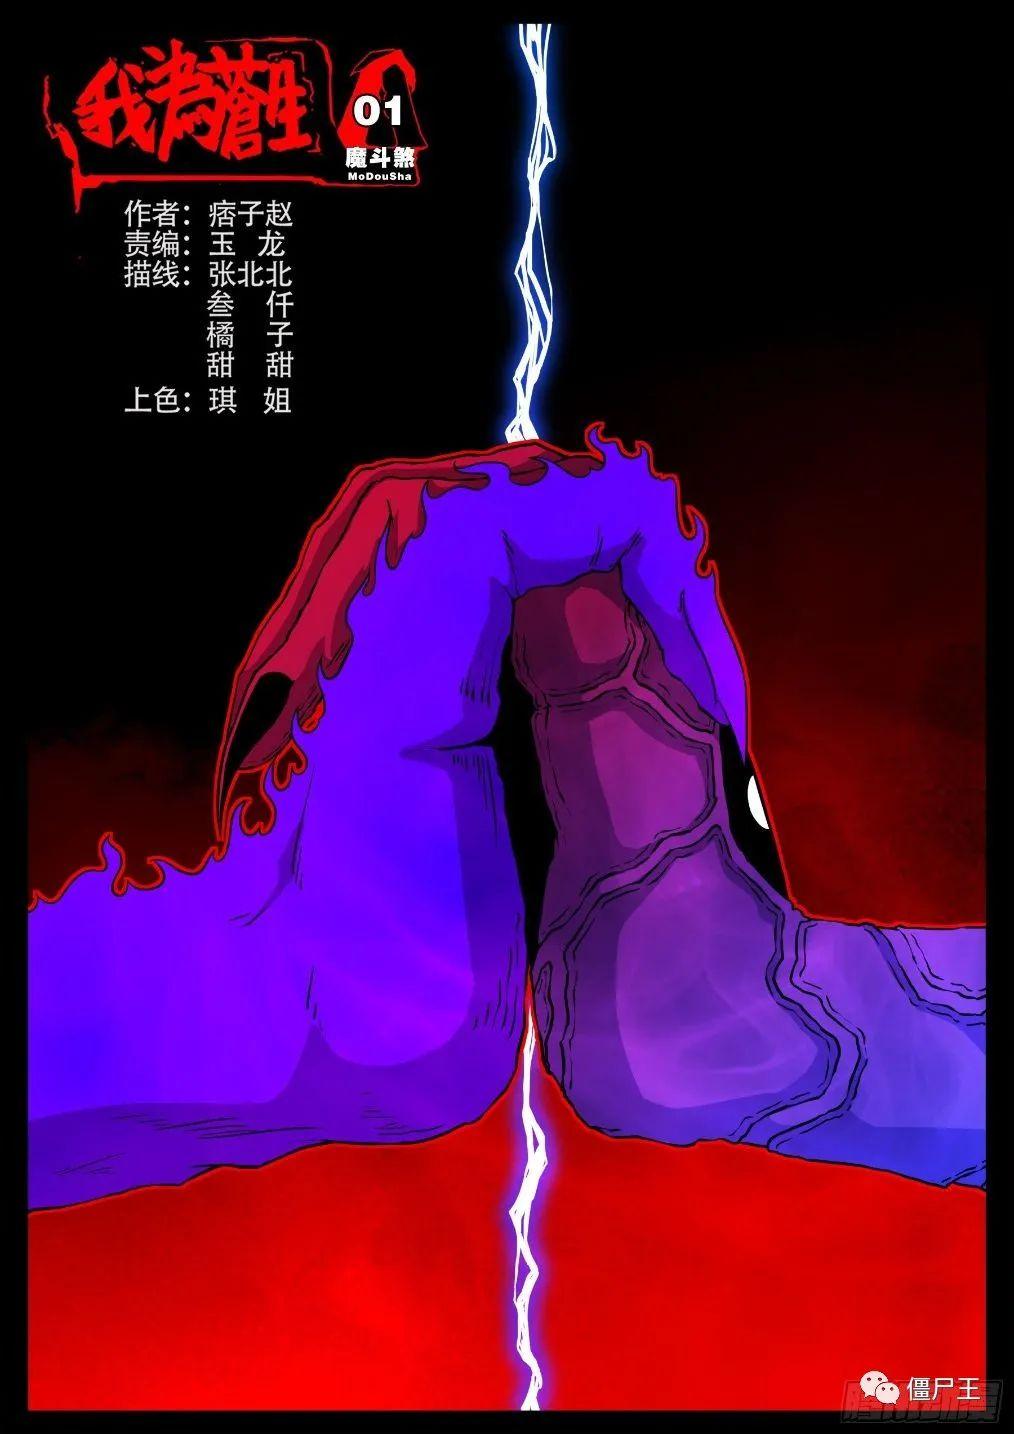 僵尸王漫画:《我为苍生》魔斗煞 01